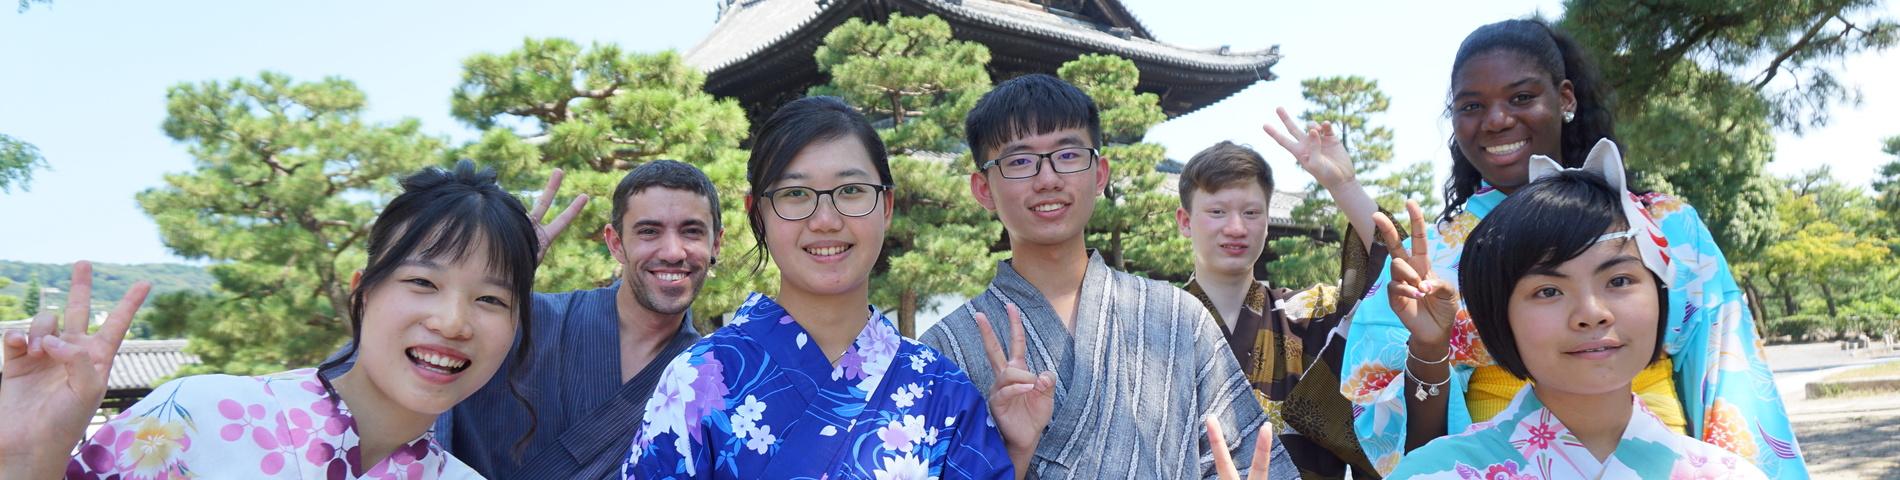 Kyoto JaLS画像1